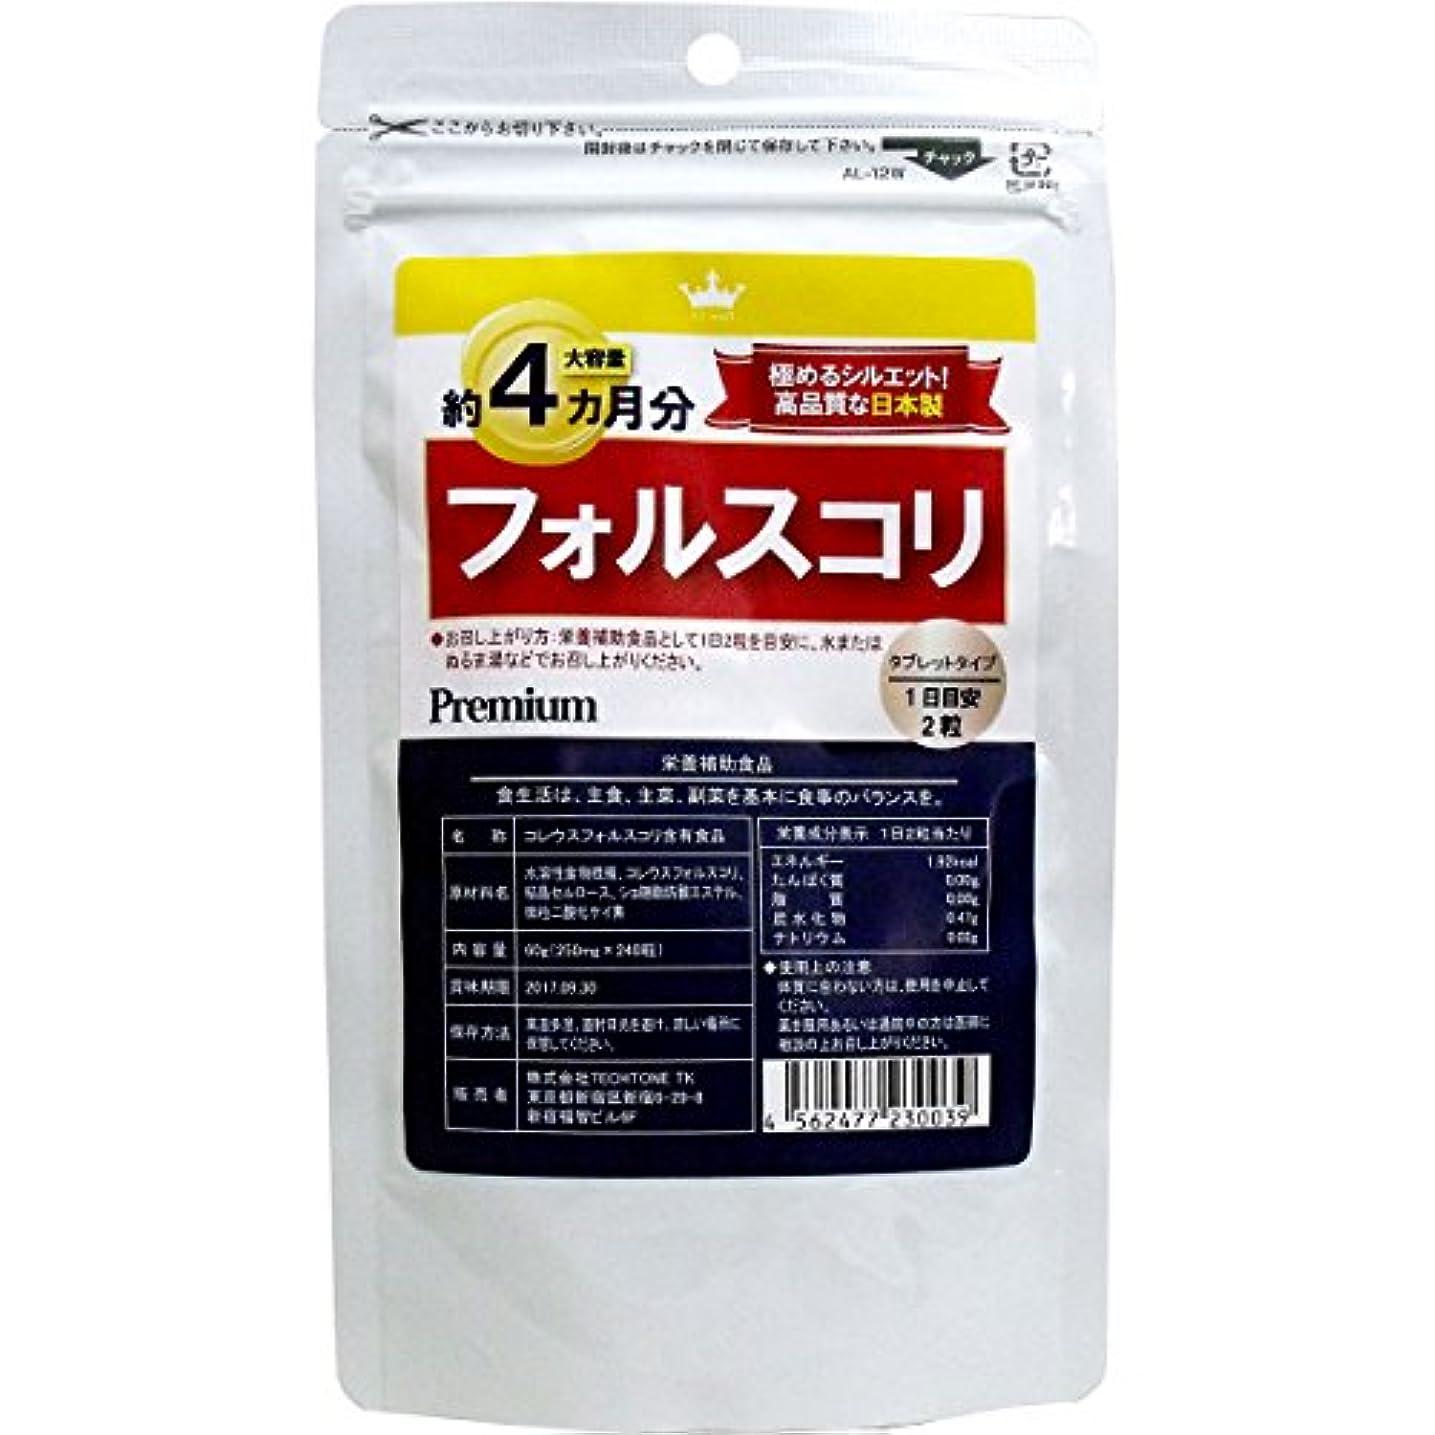 シフト流行耳サプリメント 高品質な日本製 健康食品 フォルスコリ 約4カ月分 240粒入